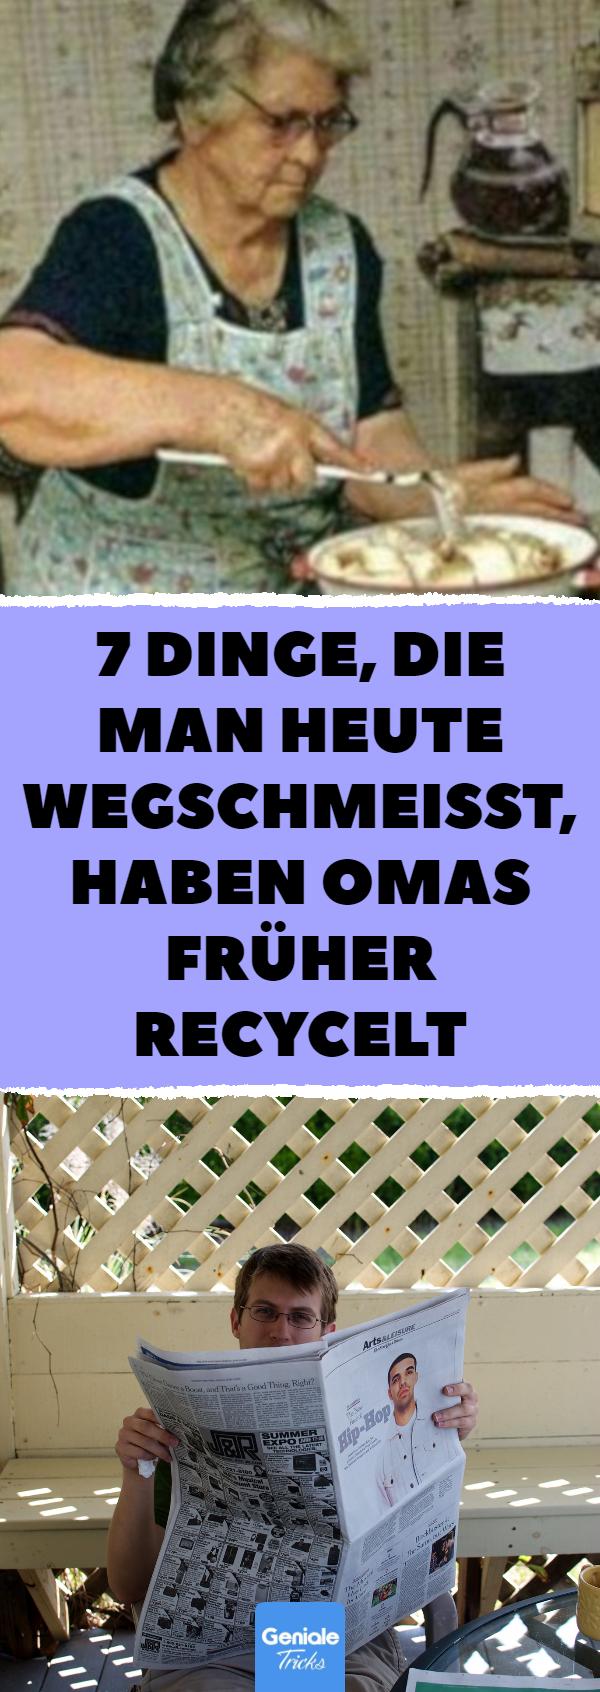 , 7 Dinge, die man heute wegschmeißt, haben Omas früher recycelt, Hygen Blogs 2020, Hygen Blogs 2020